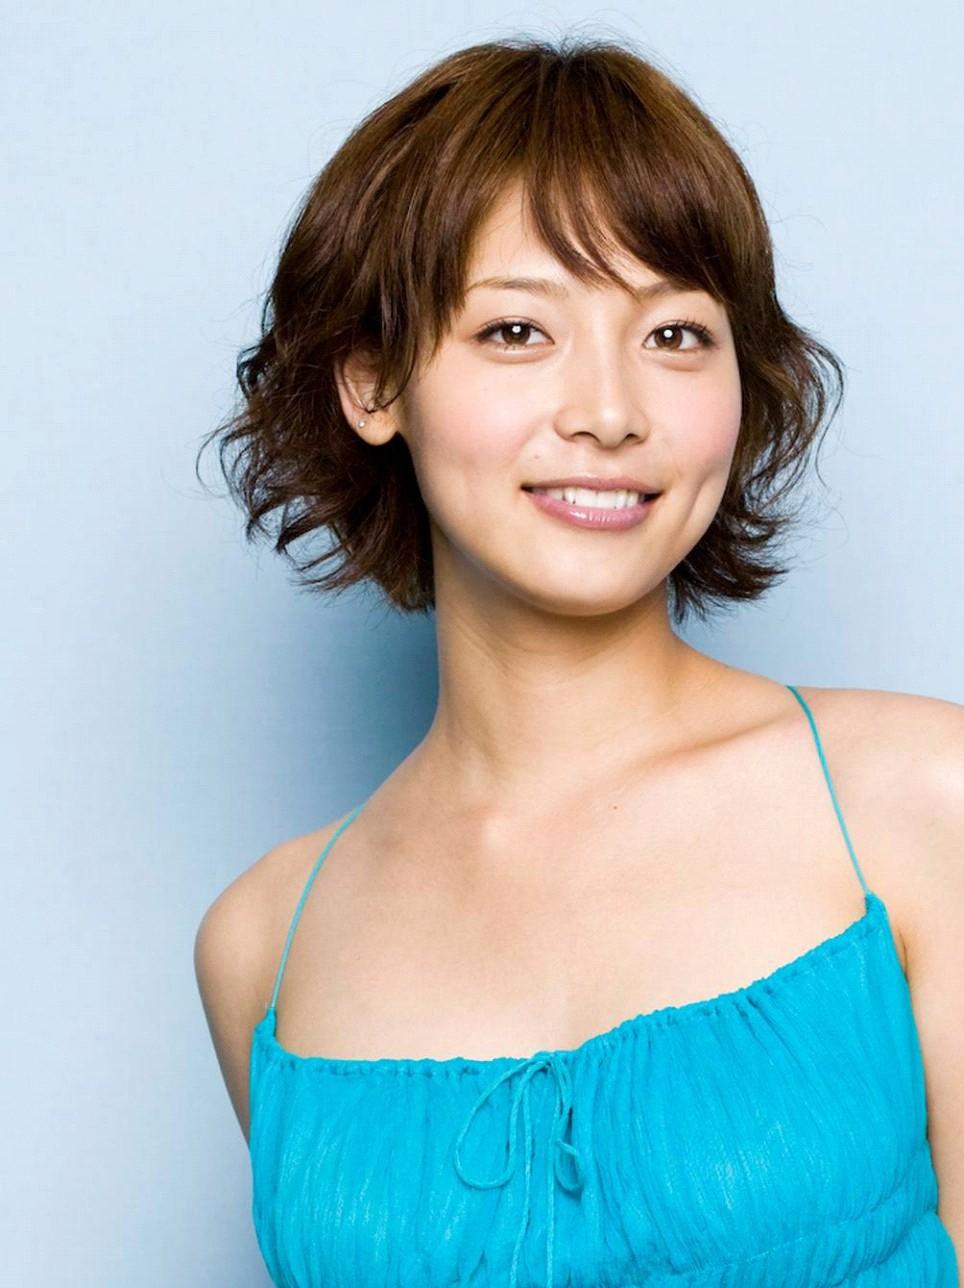 テレビで活躍中!相武紗季のスタイルを維持するダイエット法とは!?のサムネイル画像